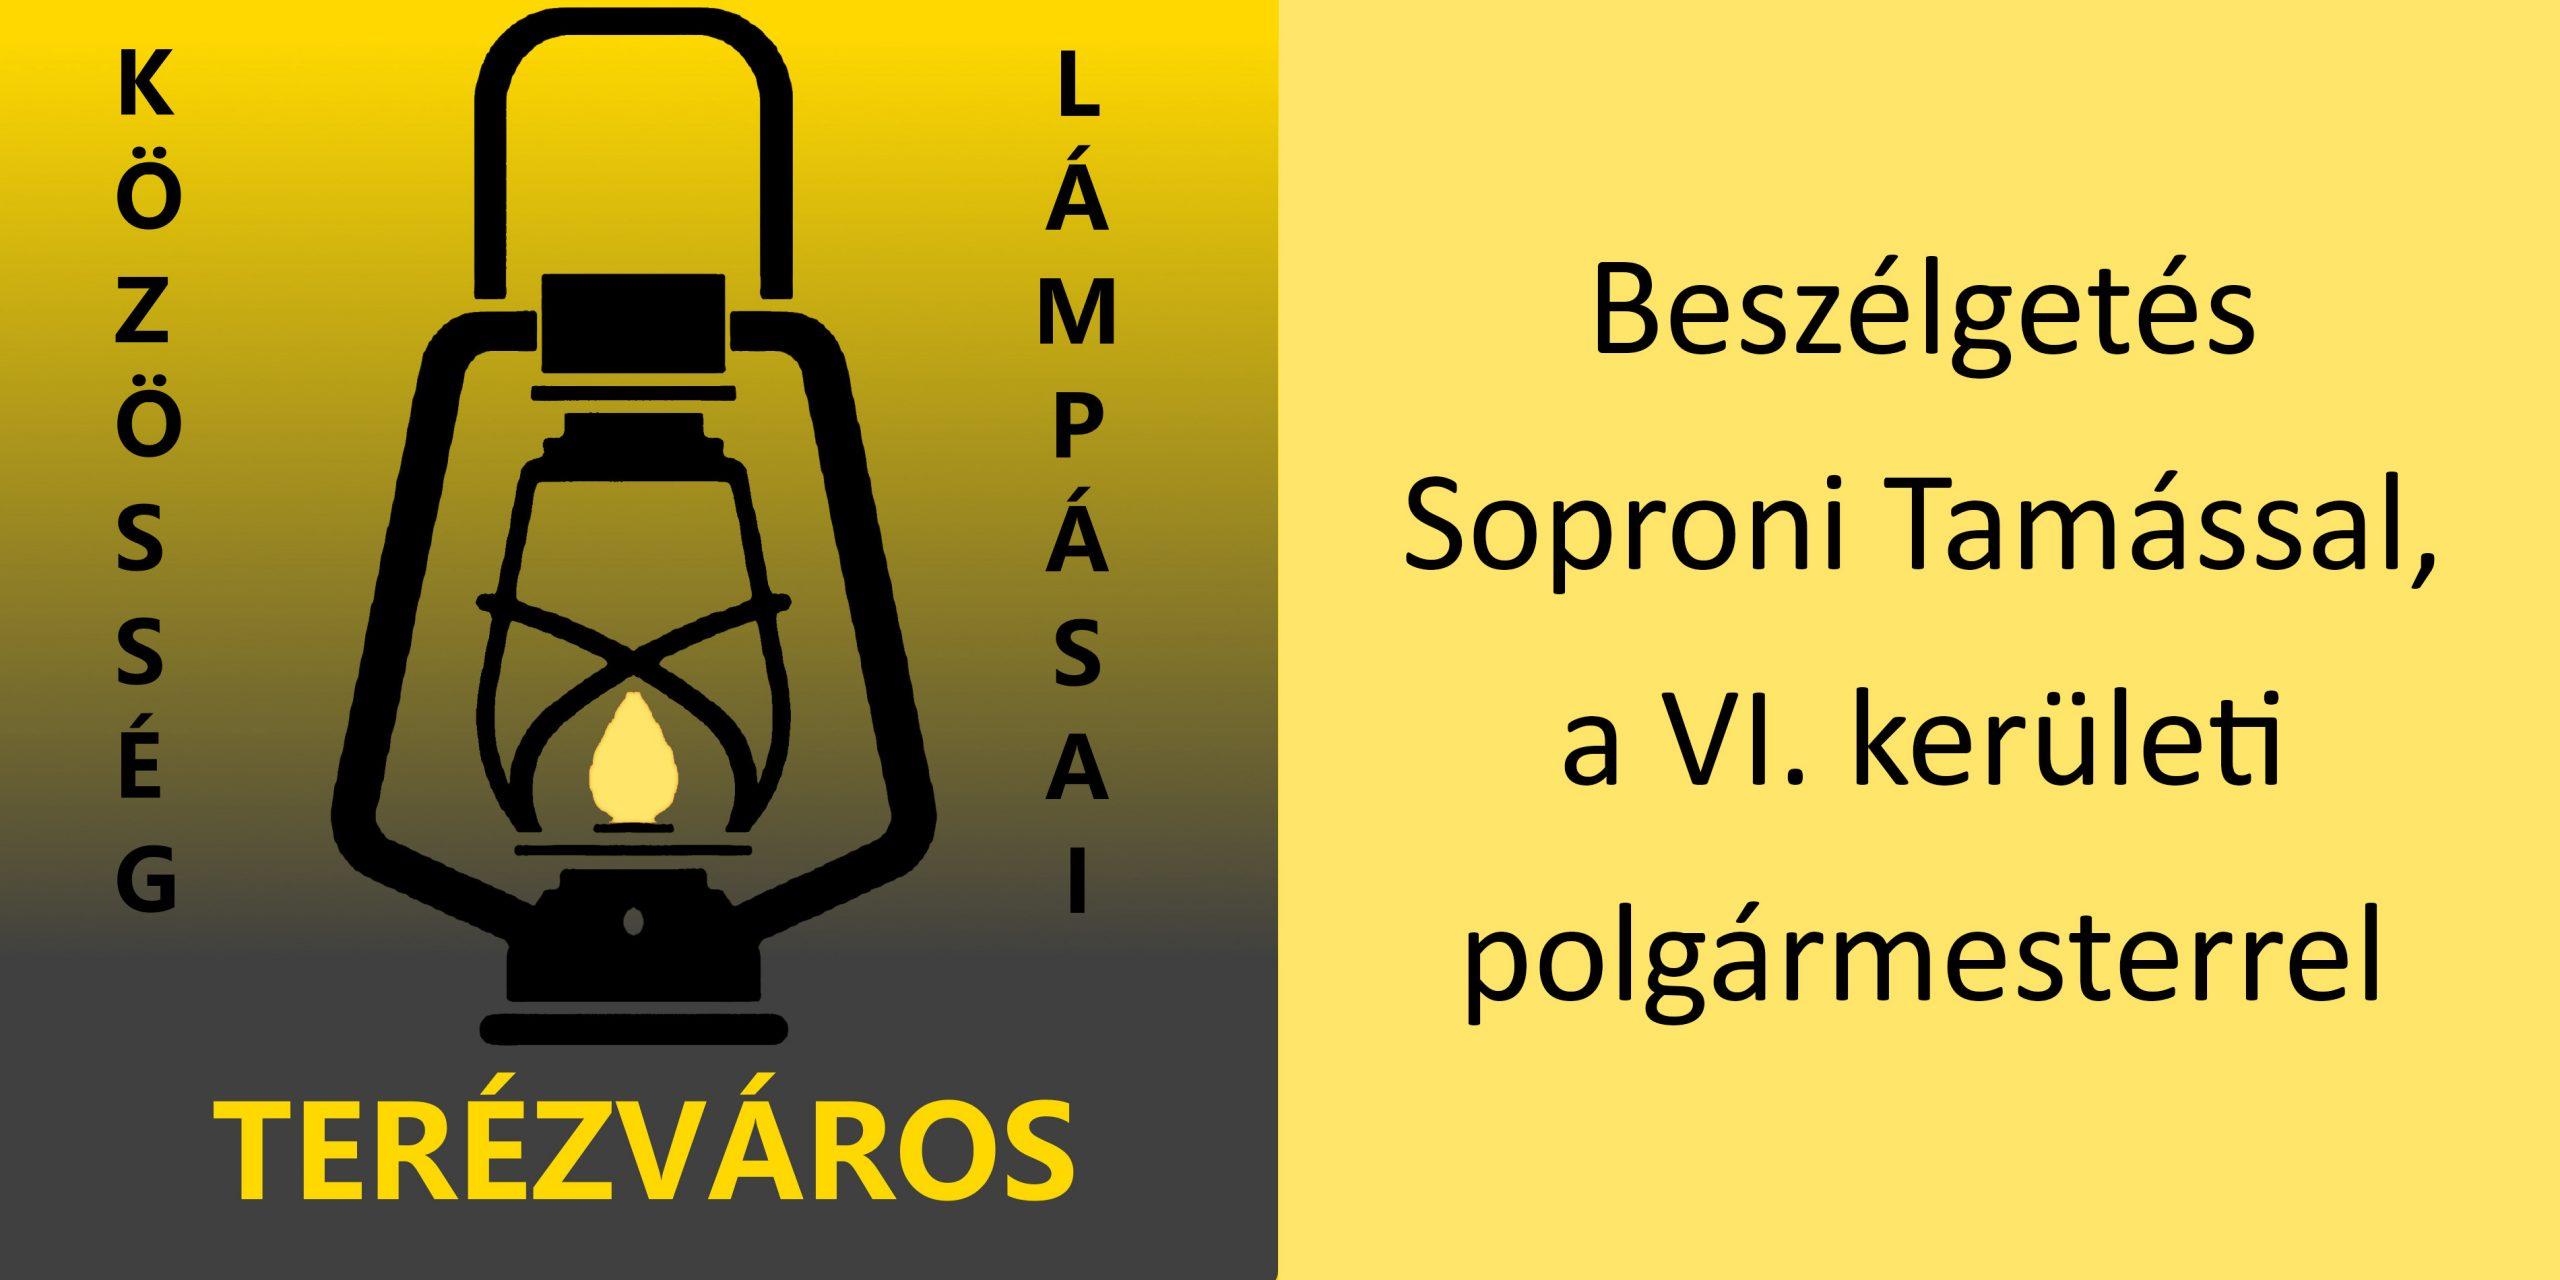 """A képen a terézvárosi Lámpás Klub logója mellett a következő szöveg olvasható: """"Beszélgetés Soproni Tamással, a VI. kerületi polgármesterrel""""."""